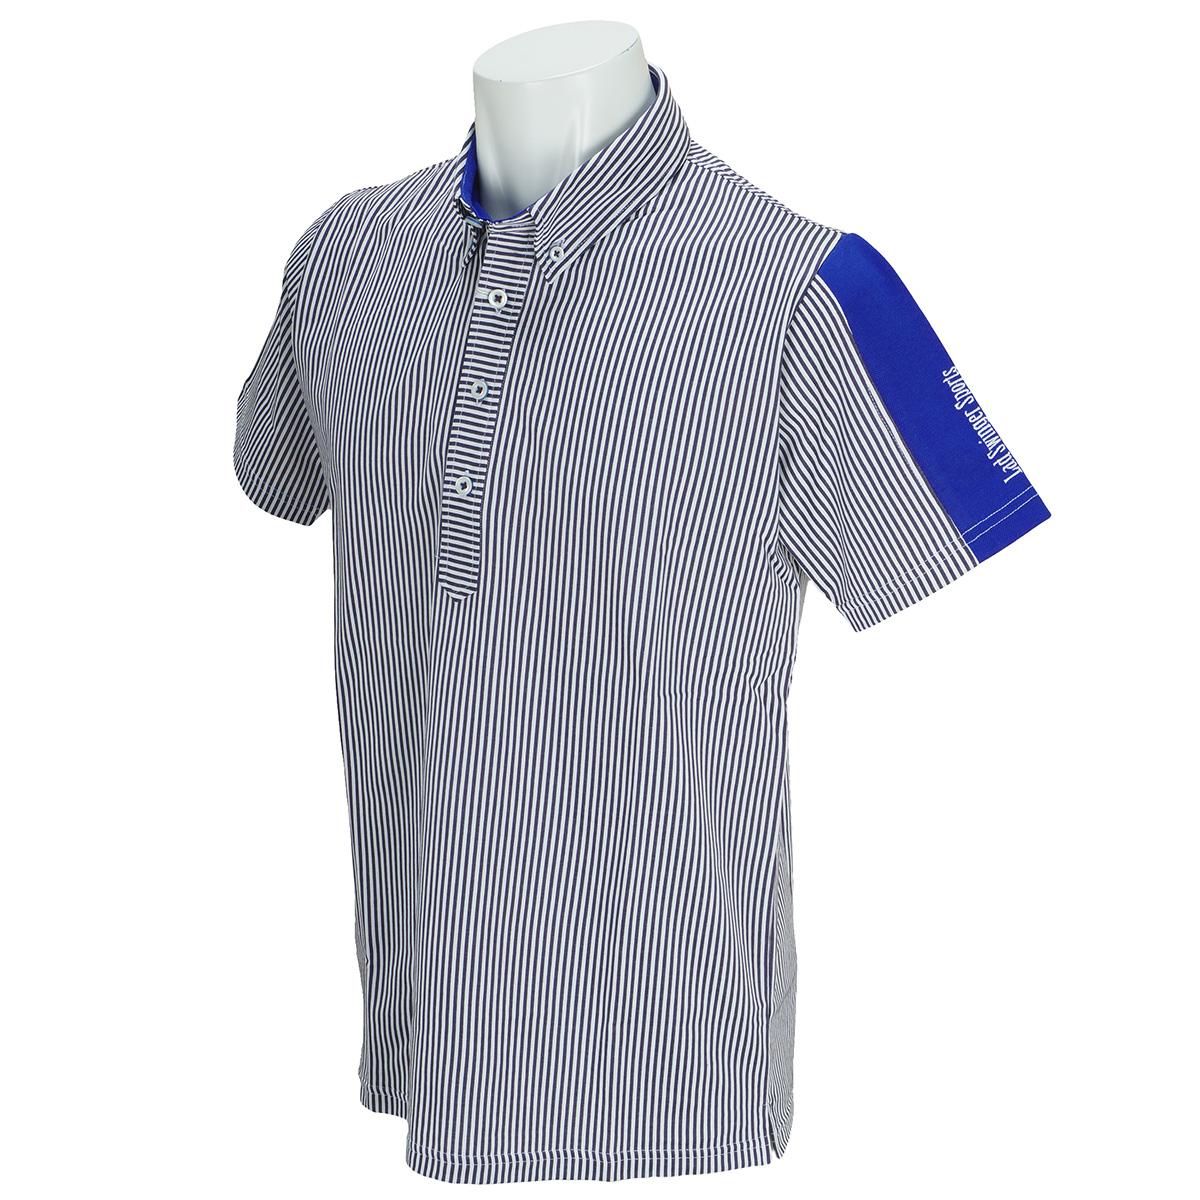 ストライプ柄半袖ボタンダウンポロシャツ